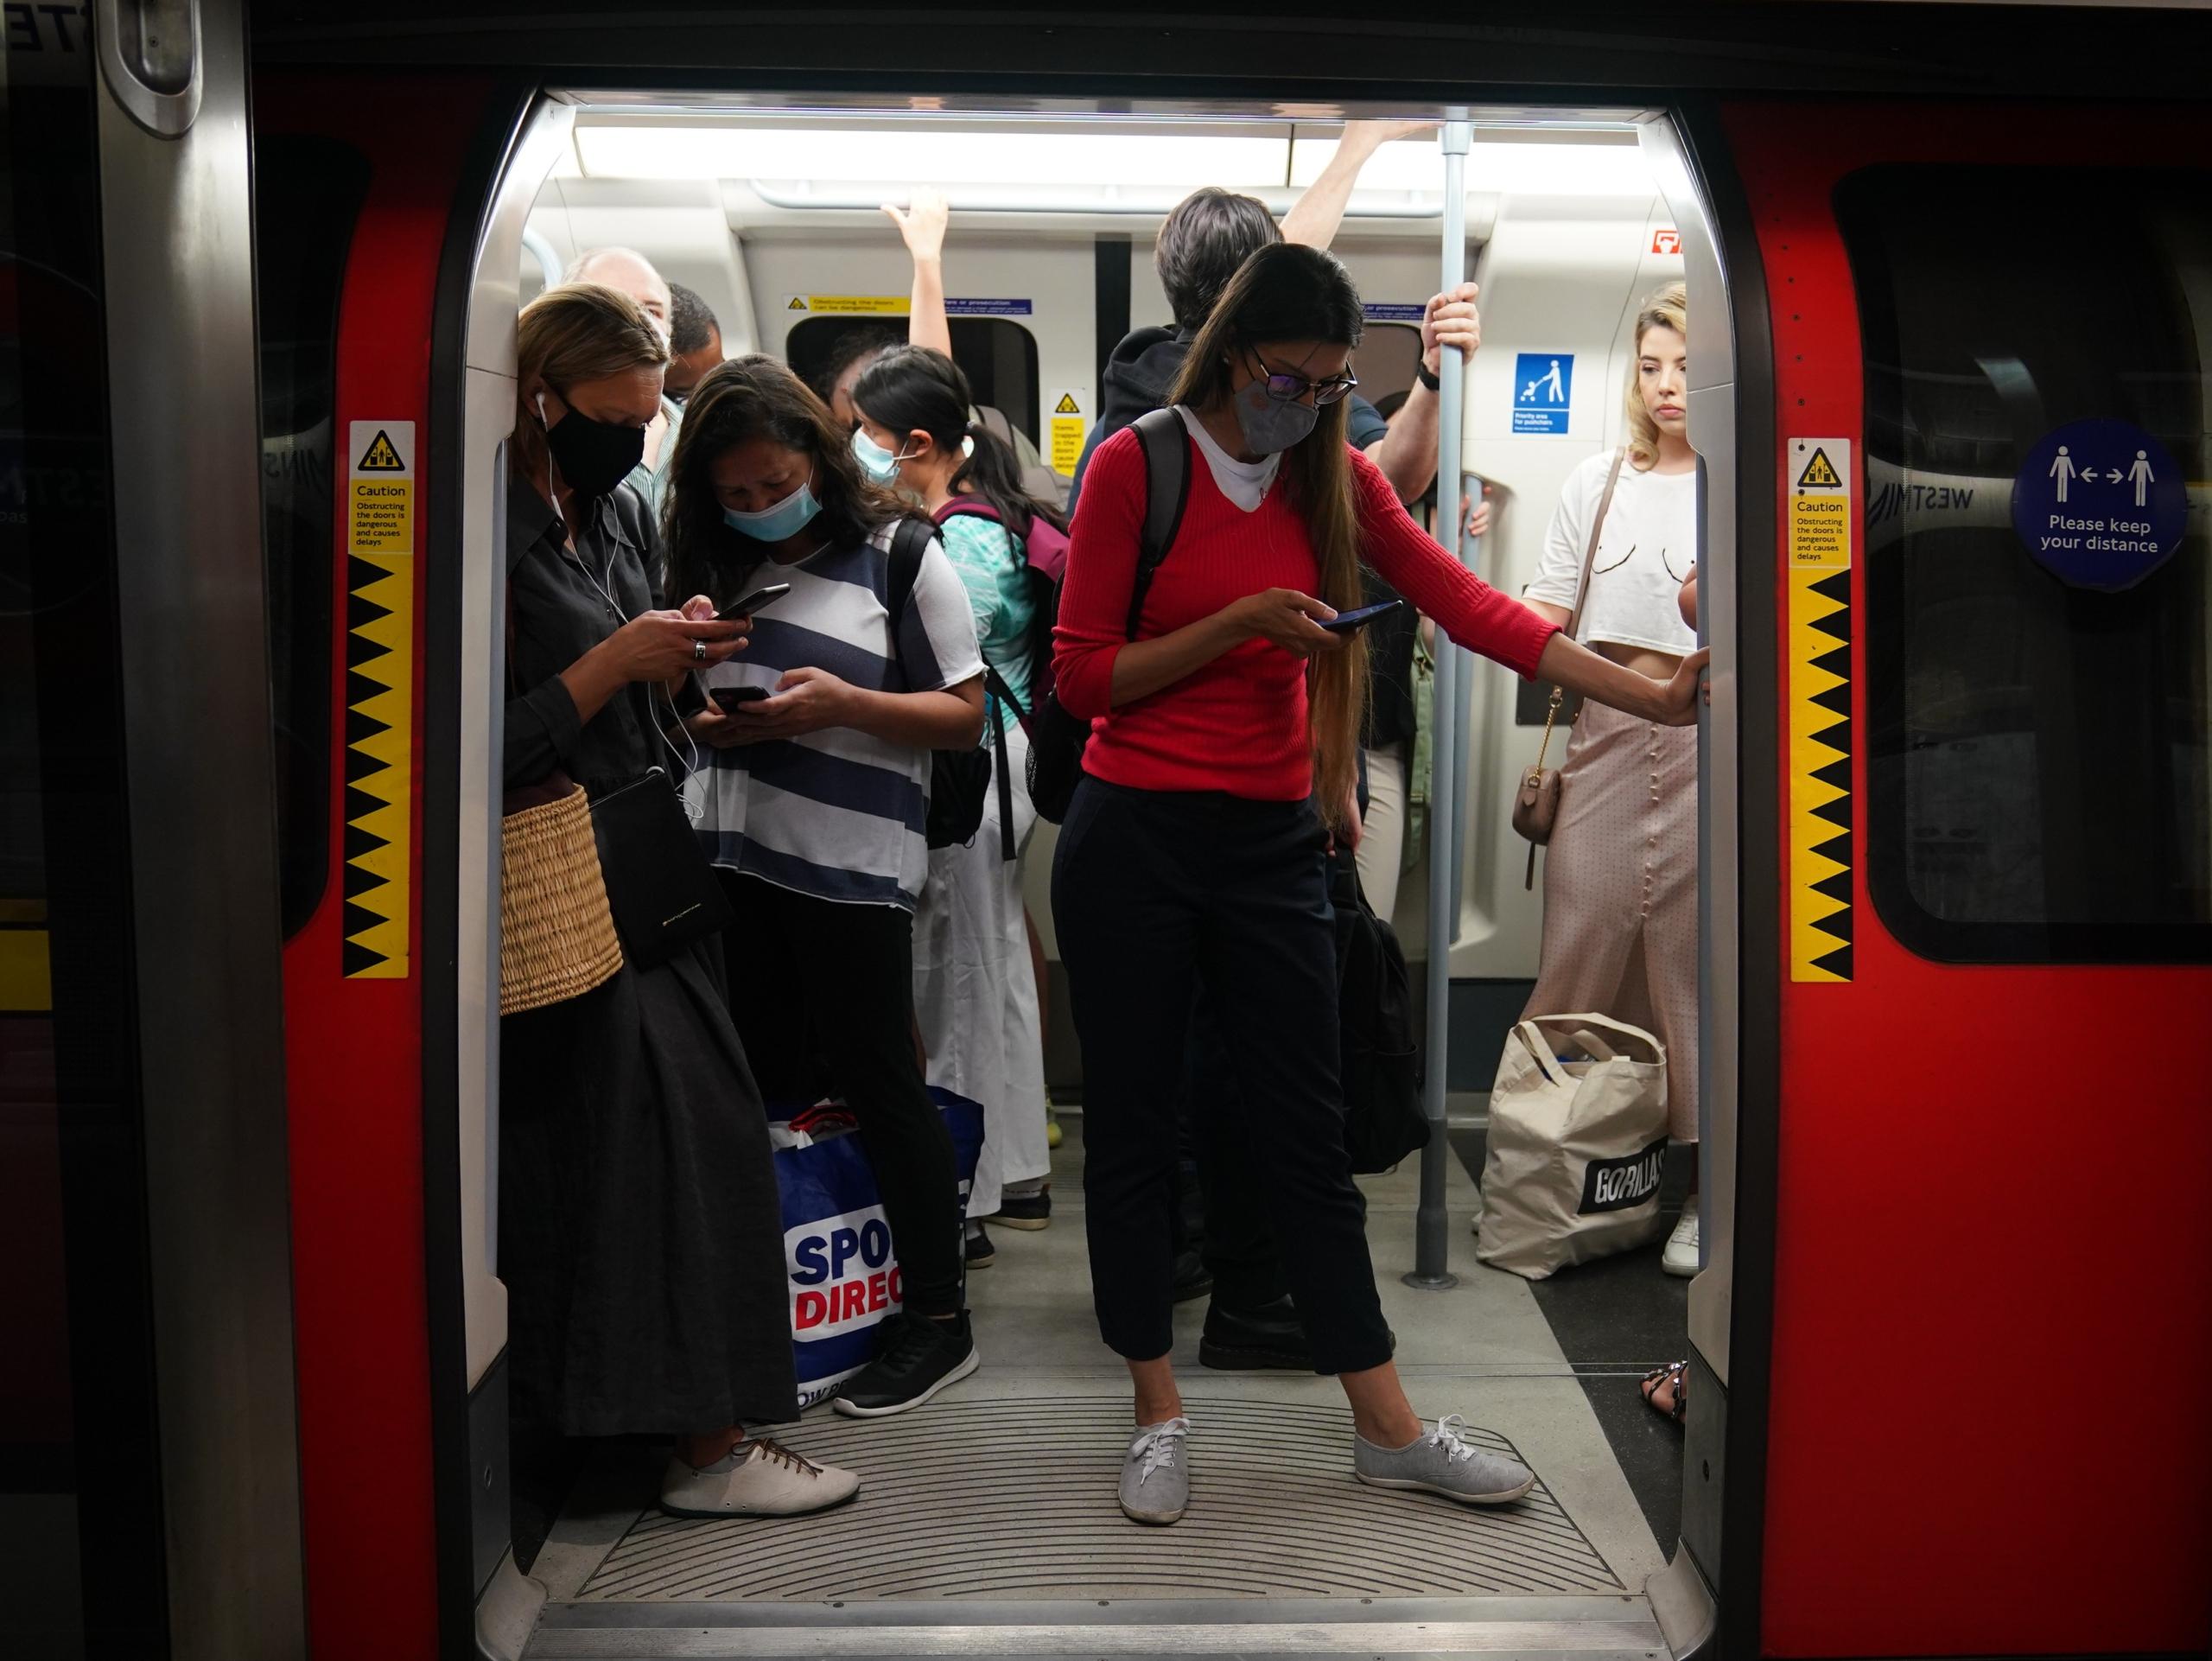 Un vagó de metro a Londres / EP